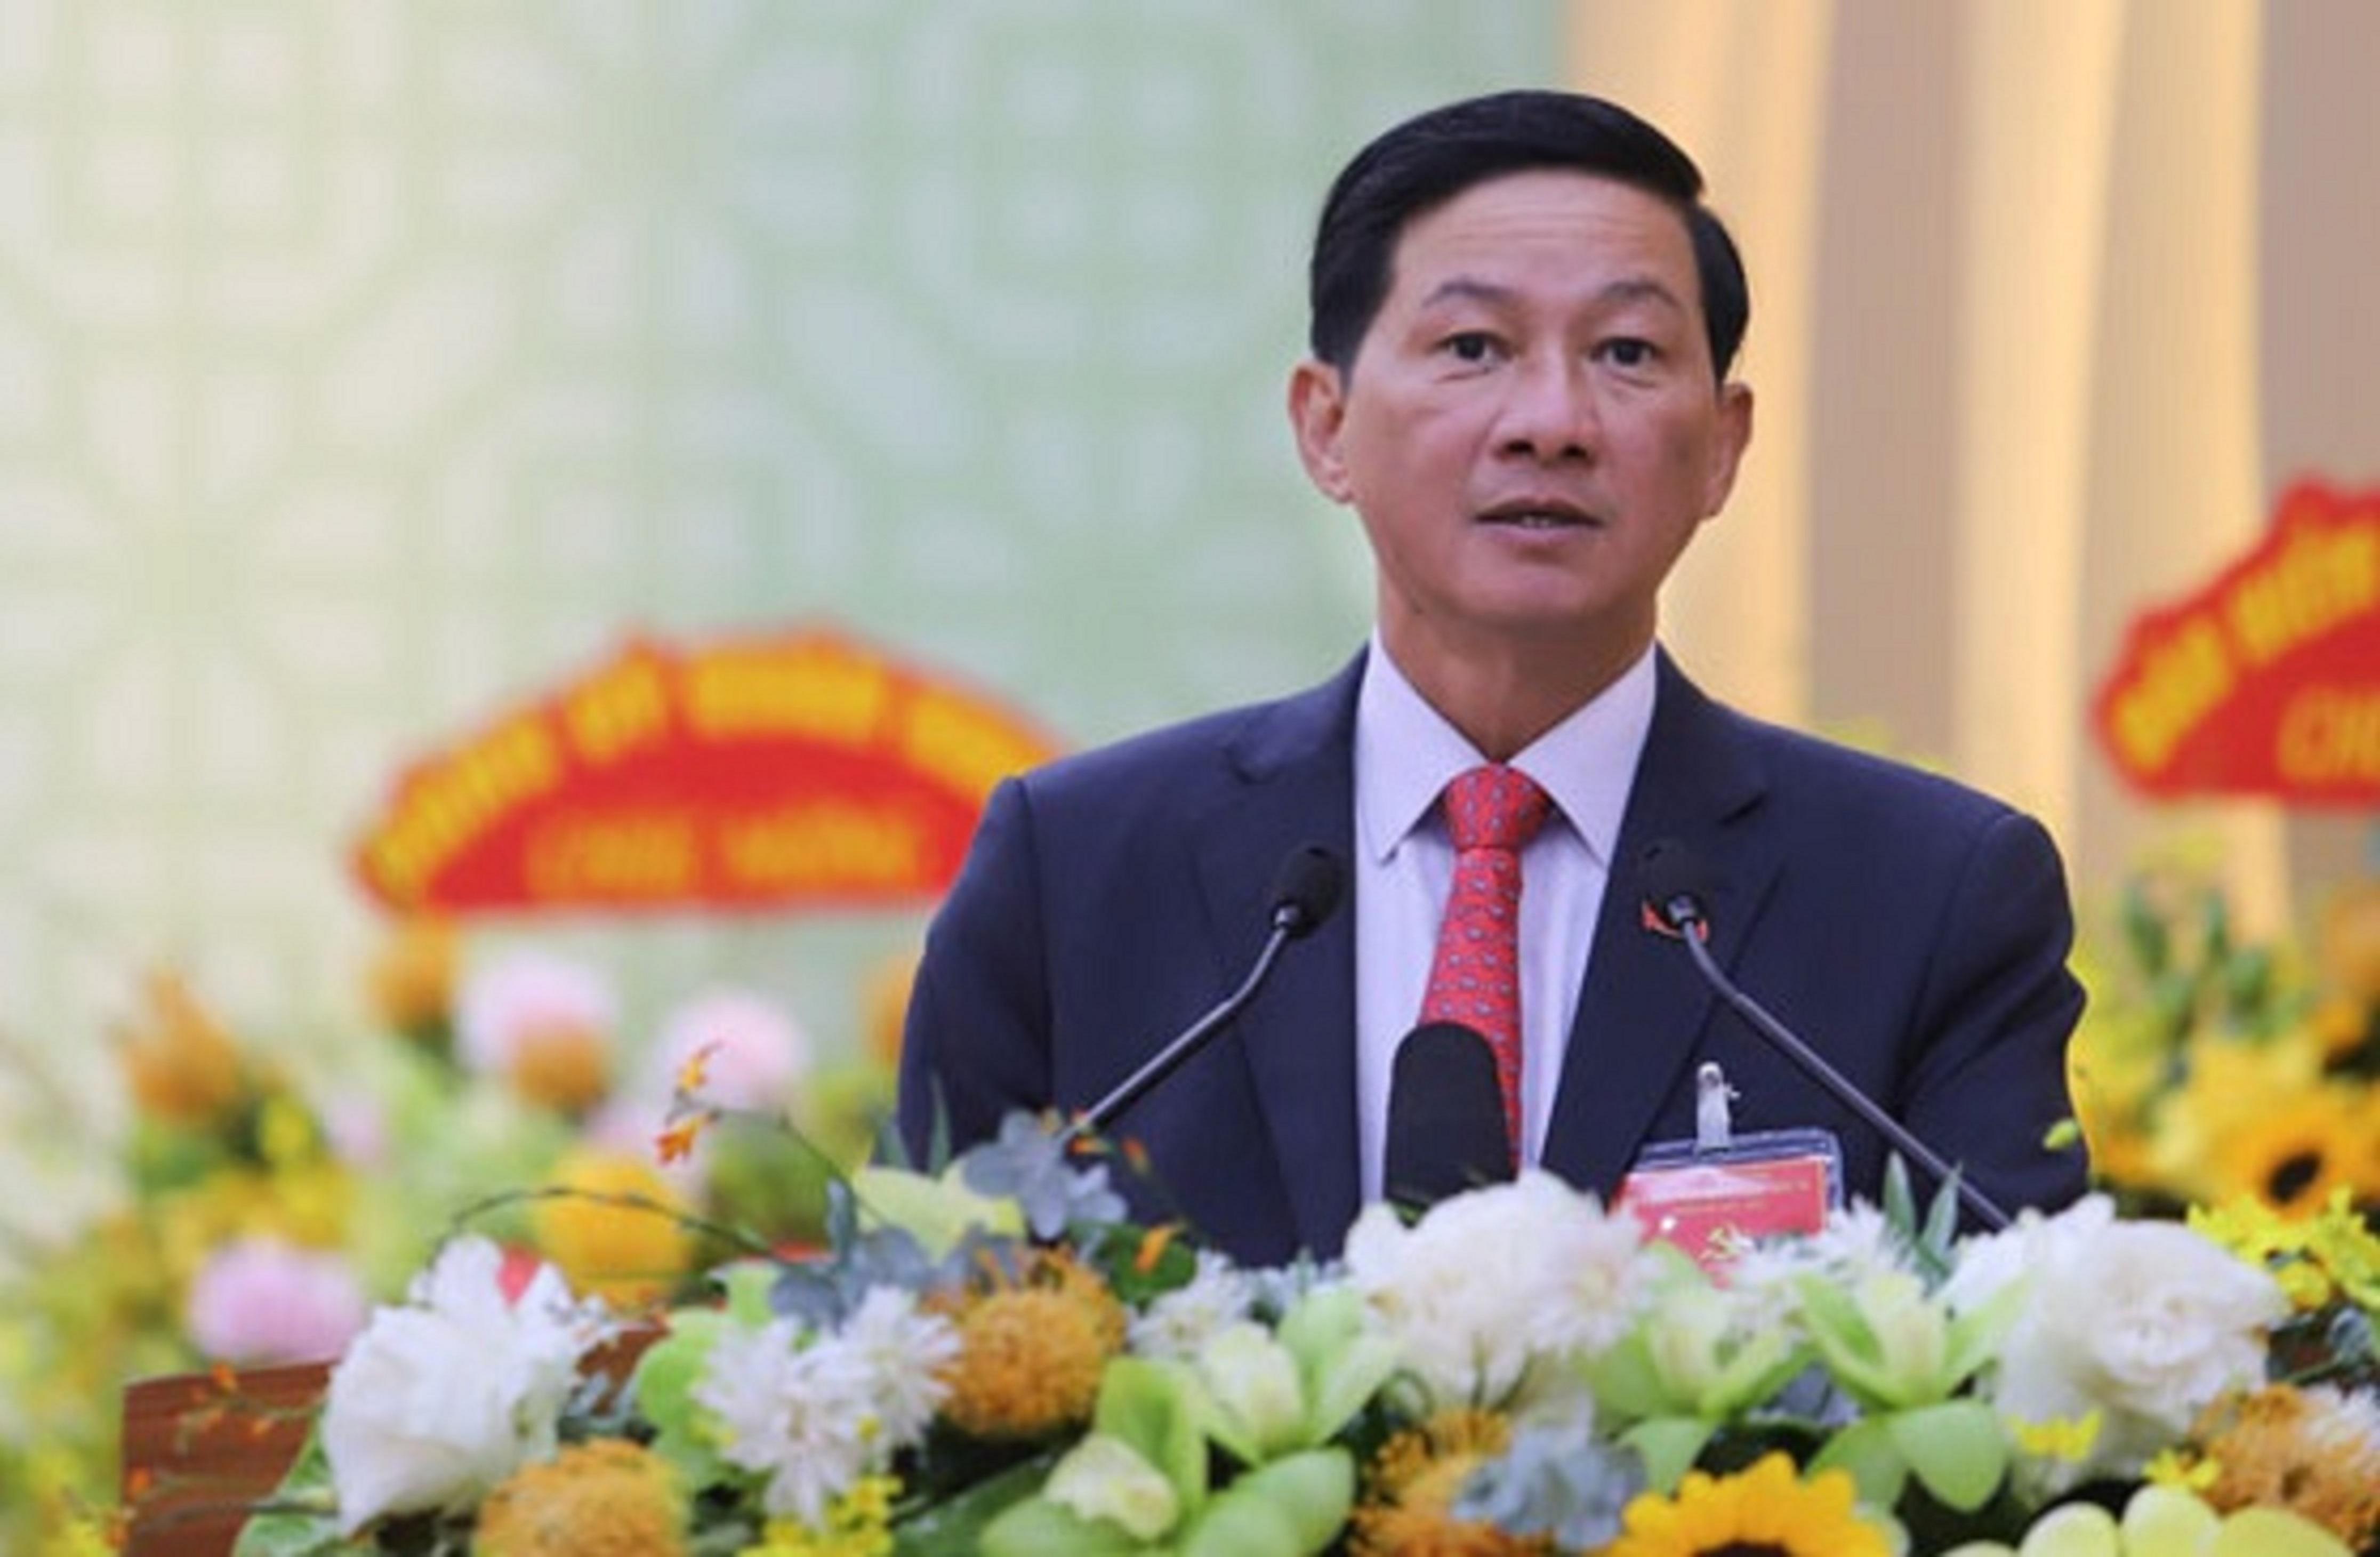 Đồng chí Trần Đức Quận đắc cử chức vụ Bí thư Tỉnh ủy Lâm Đồng